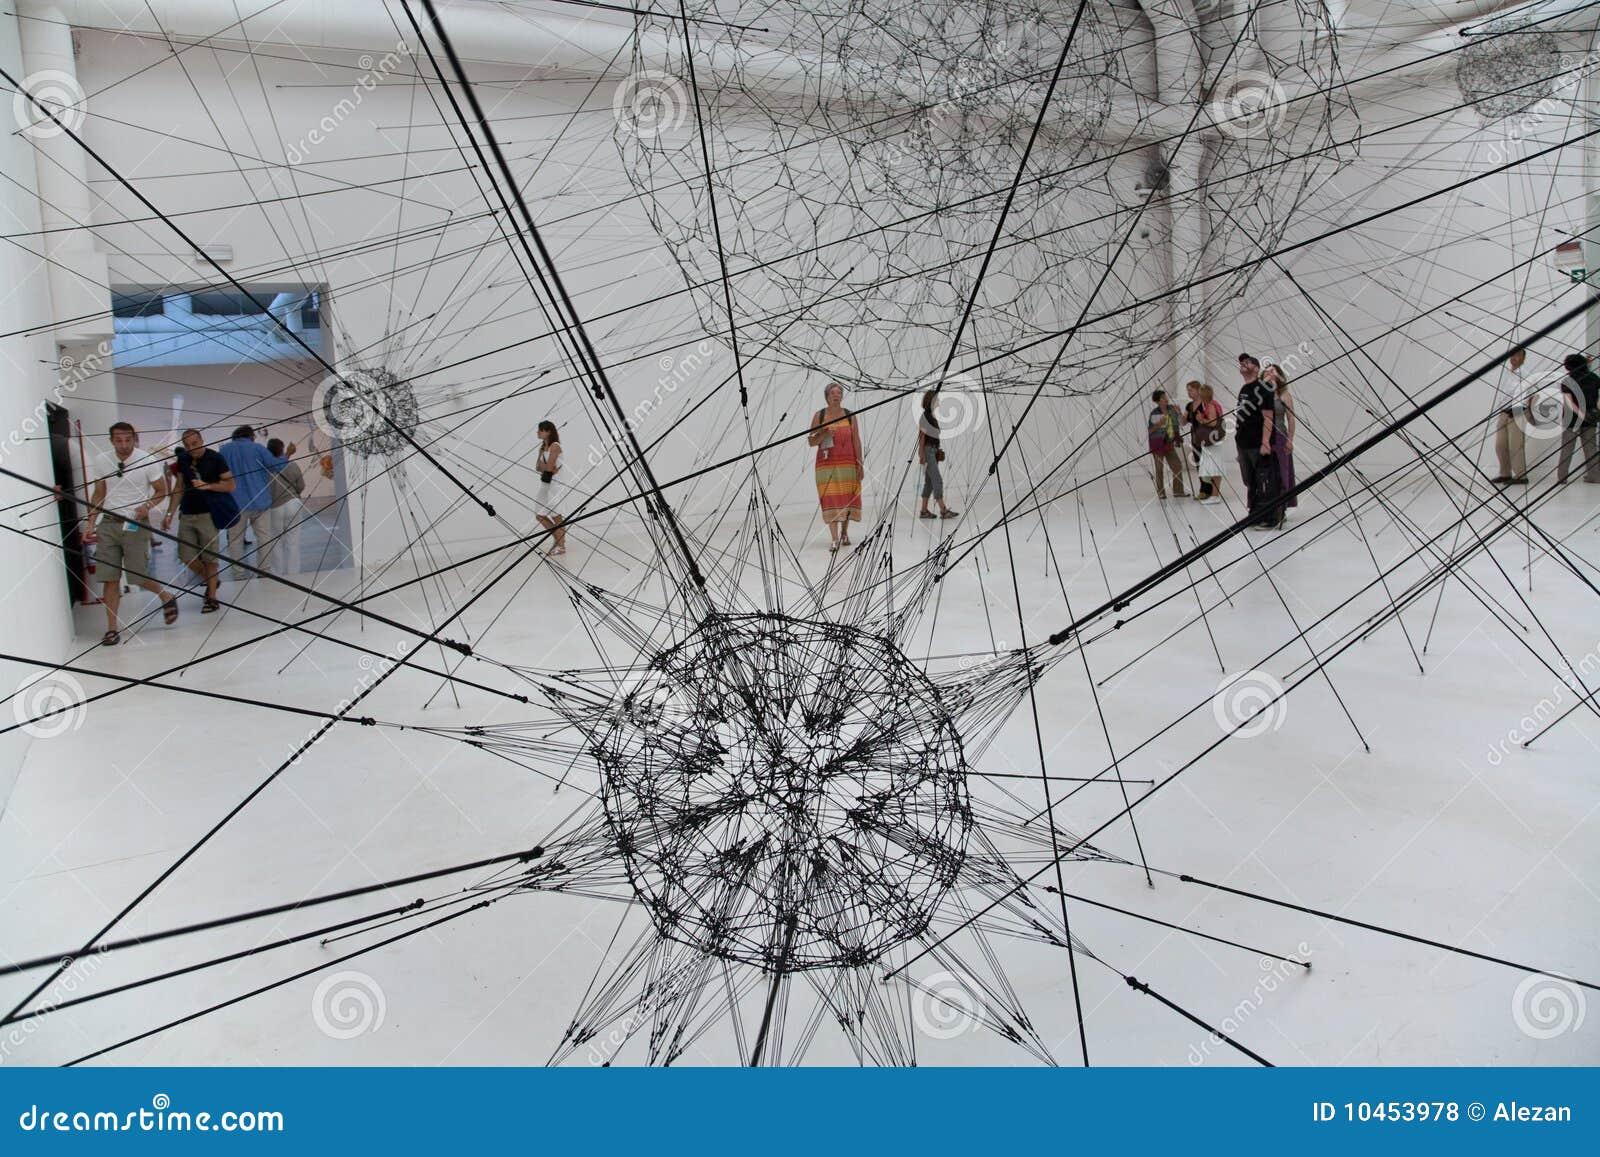 Biennale di venezia art exibithion venice 2009 editorial for Artisti biennale venezia